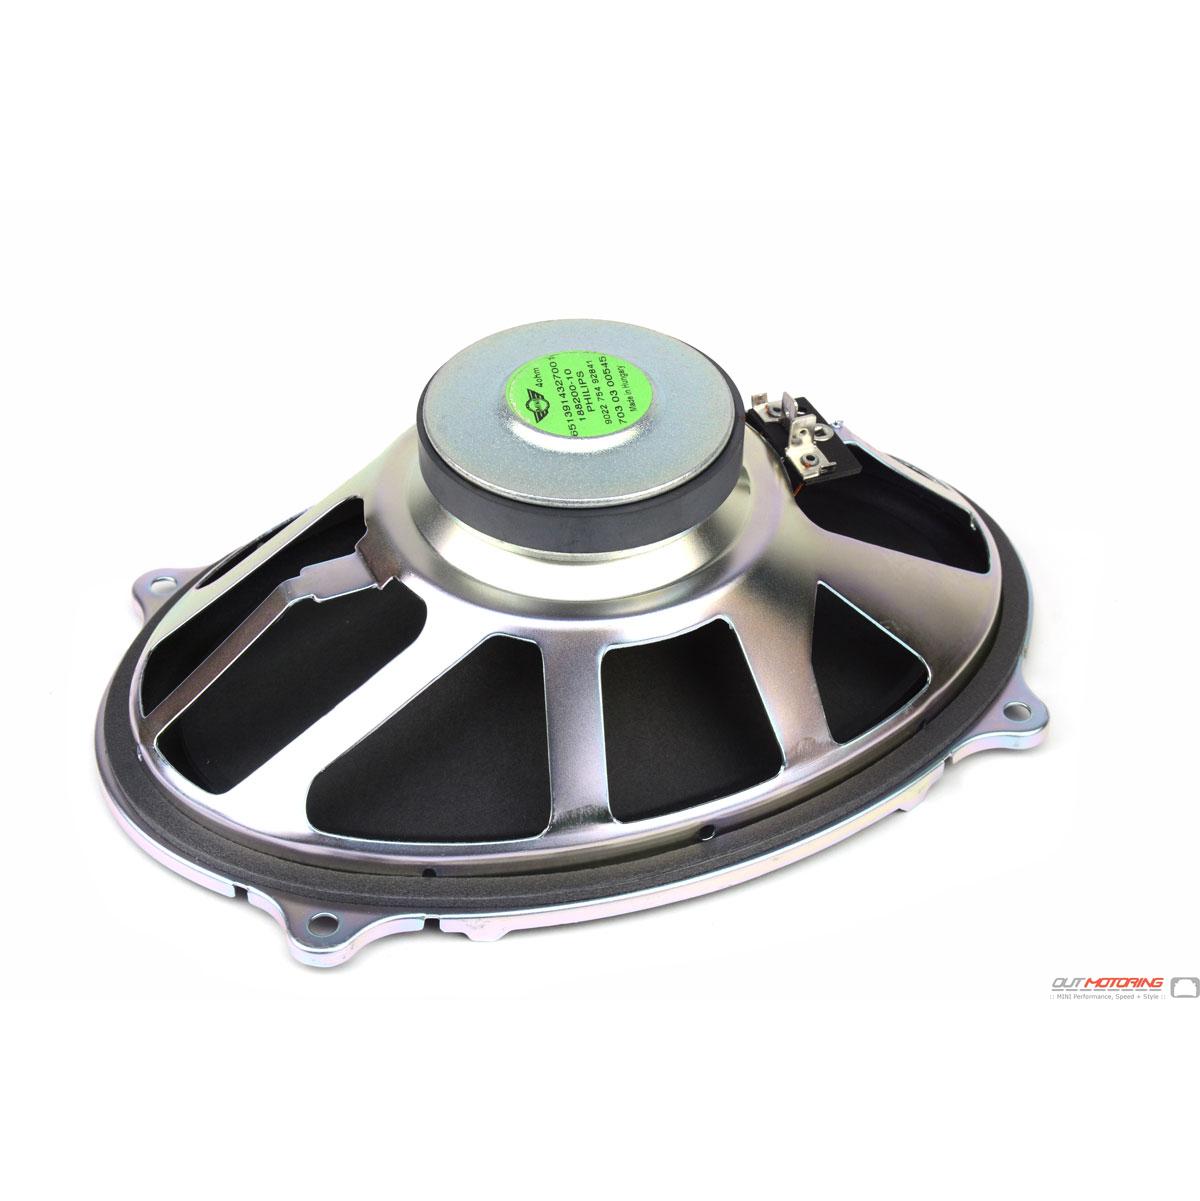 MINI Cooper R50 R52 R53 Rear Speaker 6x9 65139143270